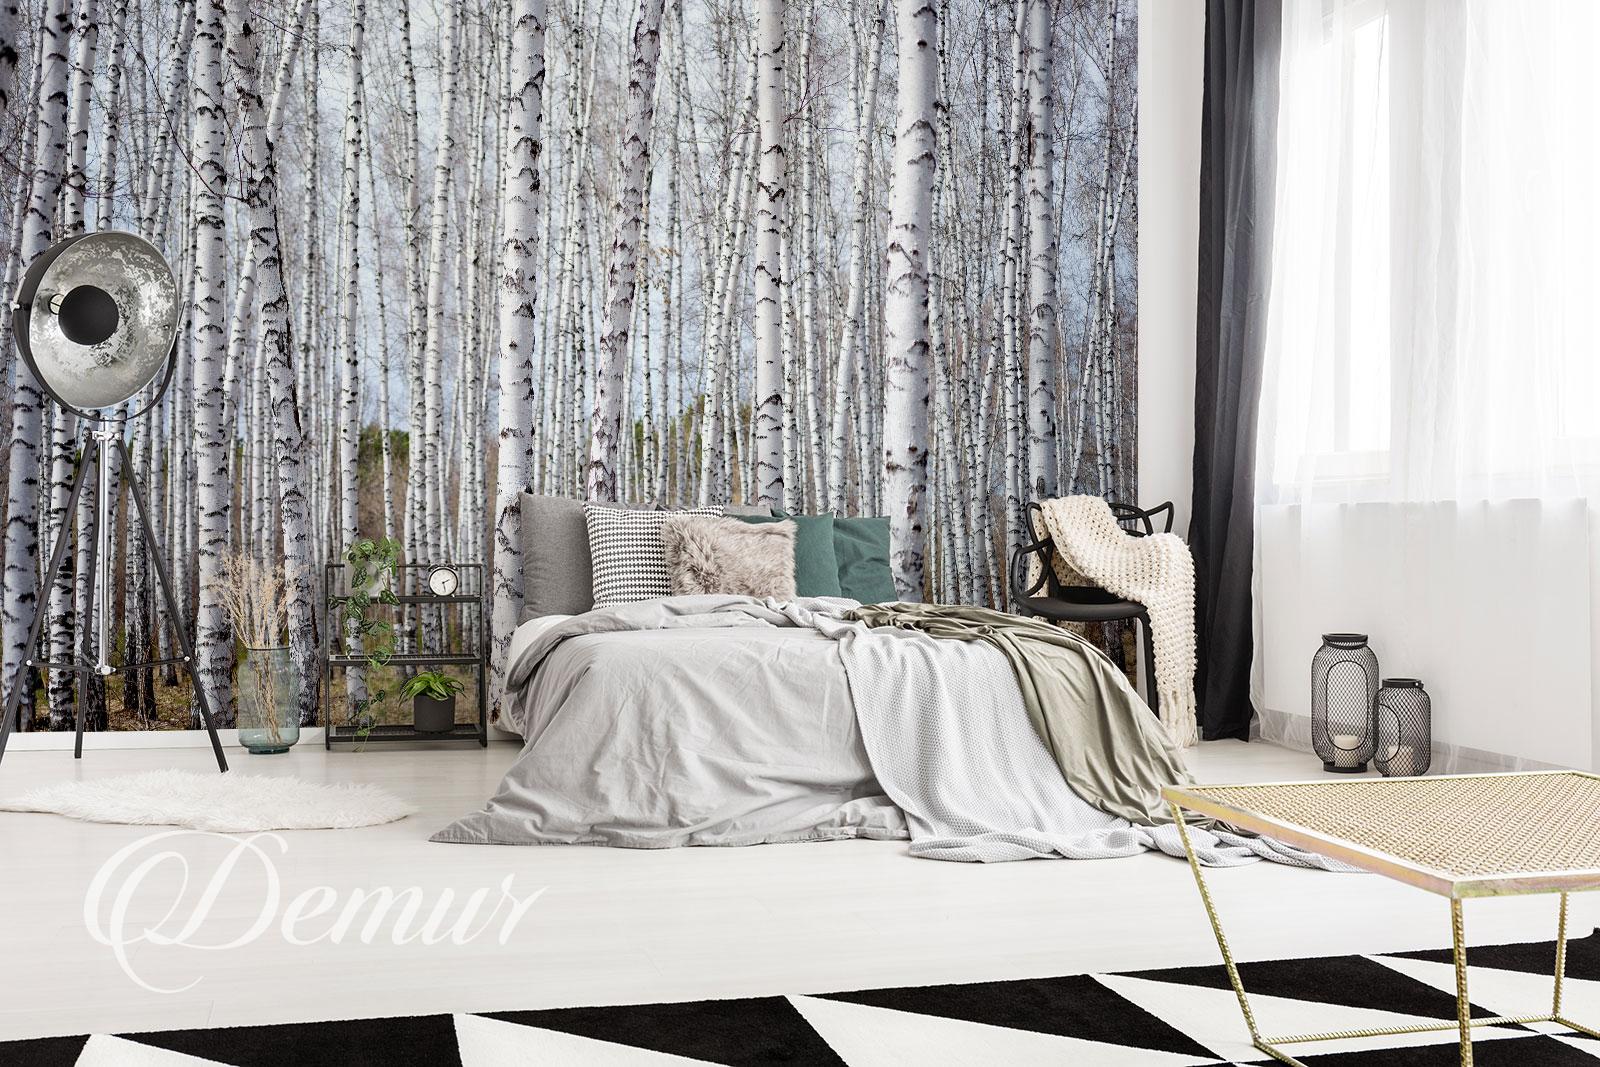 Fototapeta las brzozowy - Pomysł na ścianę w sypialni - Demur